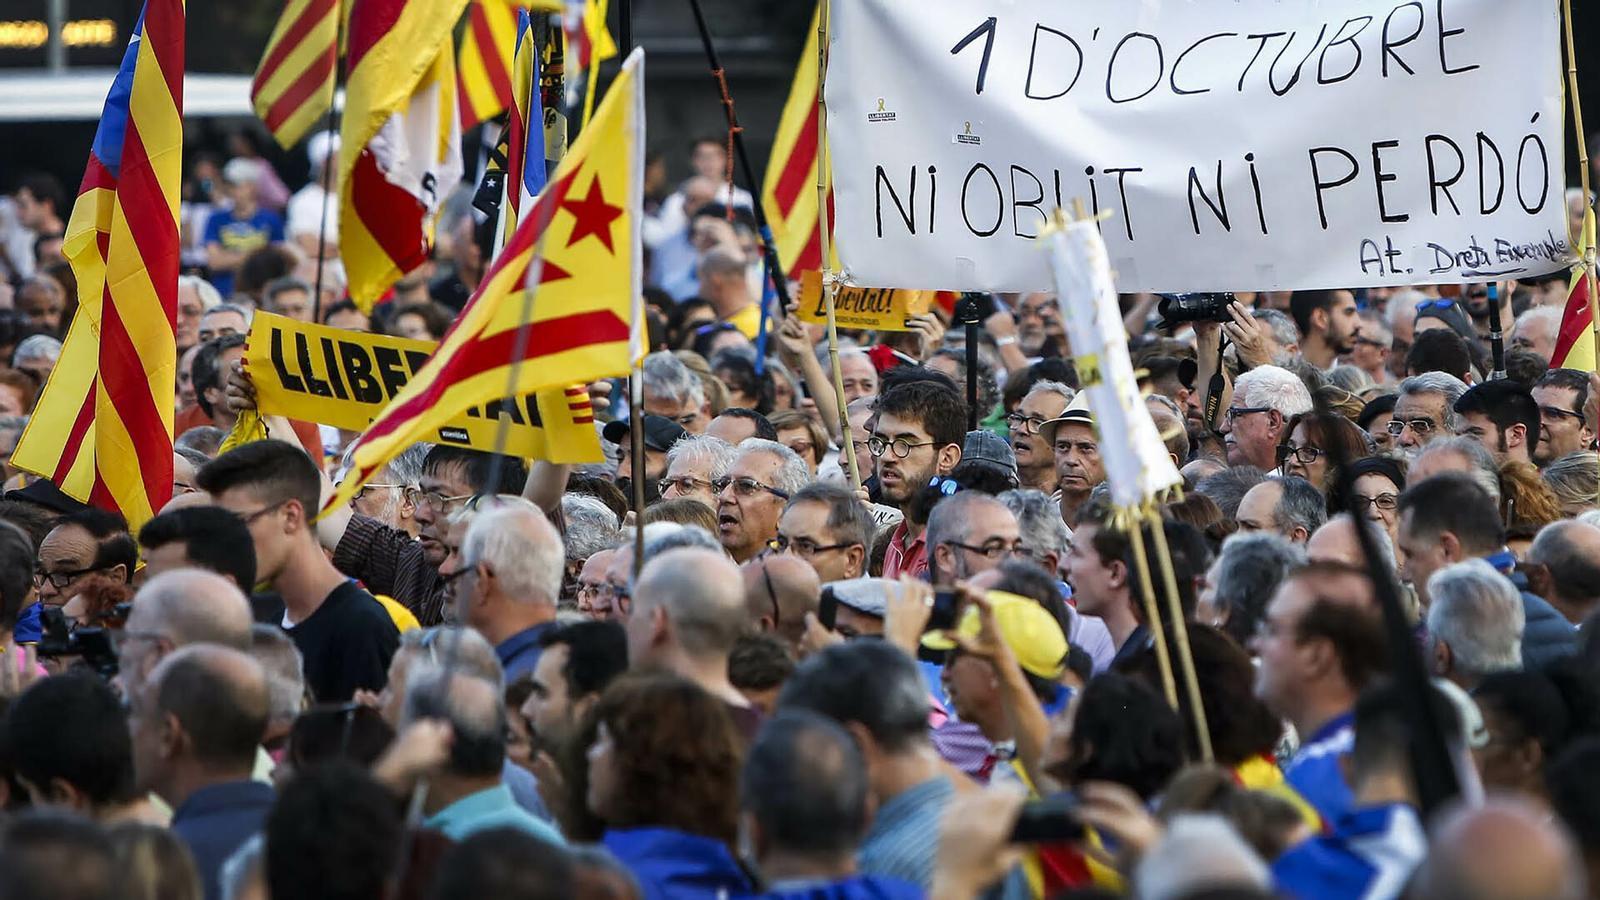 L'anàlisi d'Antoni Bassas: 'El carrer, amoïnat però no espantat'